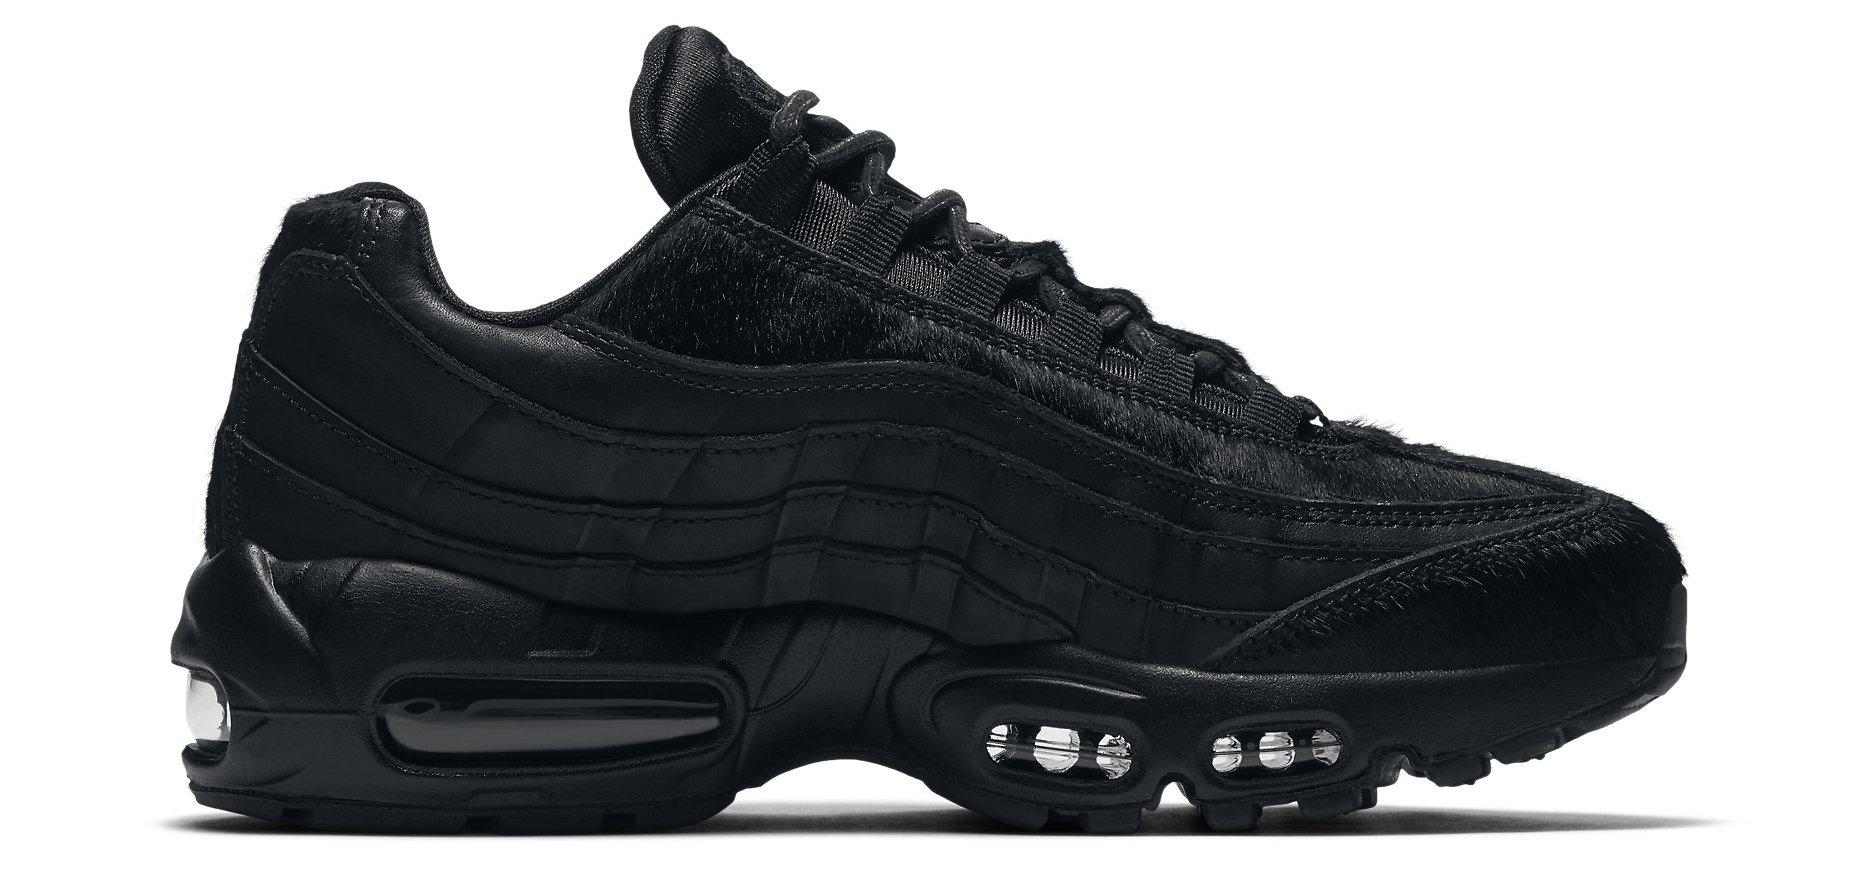 Nike Wmns Air Max 95 Premium   Black   Sneakers   807443 014